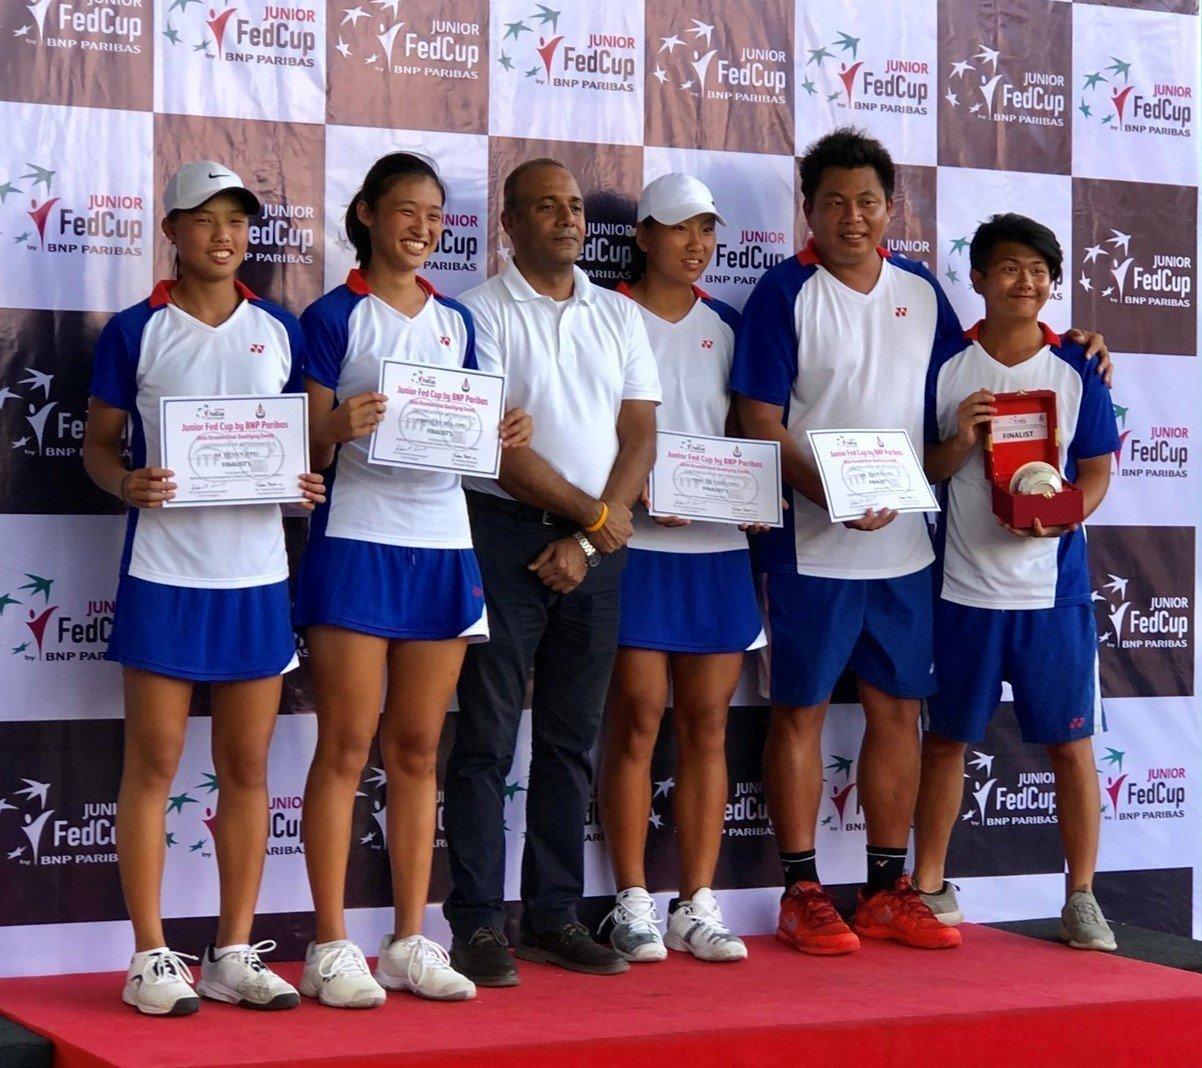 獲得亞軍的中華隊上台領取獎盃和獎狀。 圖/矽品精密提供